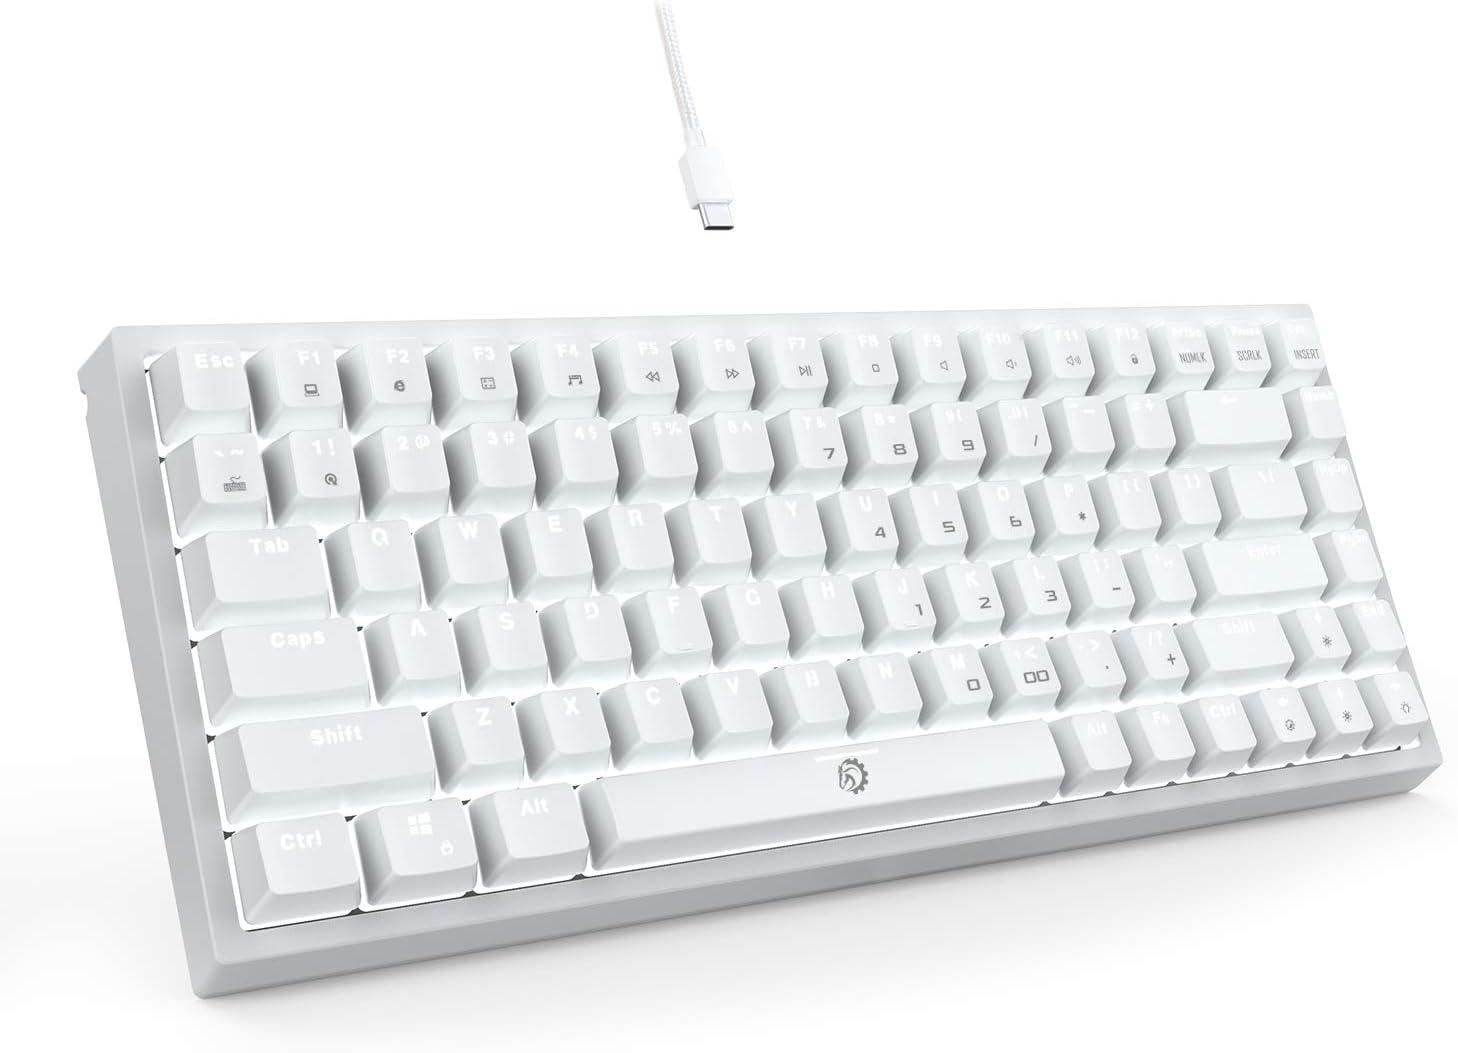 DREVO Gramr Teclado Mecánico Gaming Retroiluminación LED Blanca, Tamaño 75% Tipo TKL con 84 Teclas QWERTY Keyboard Interruptor Rojo,Blanco